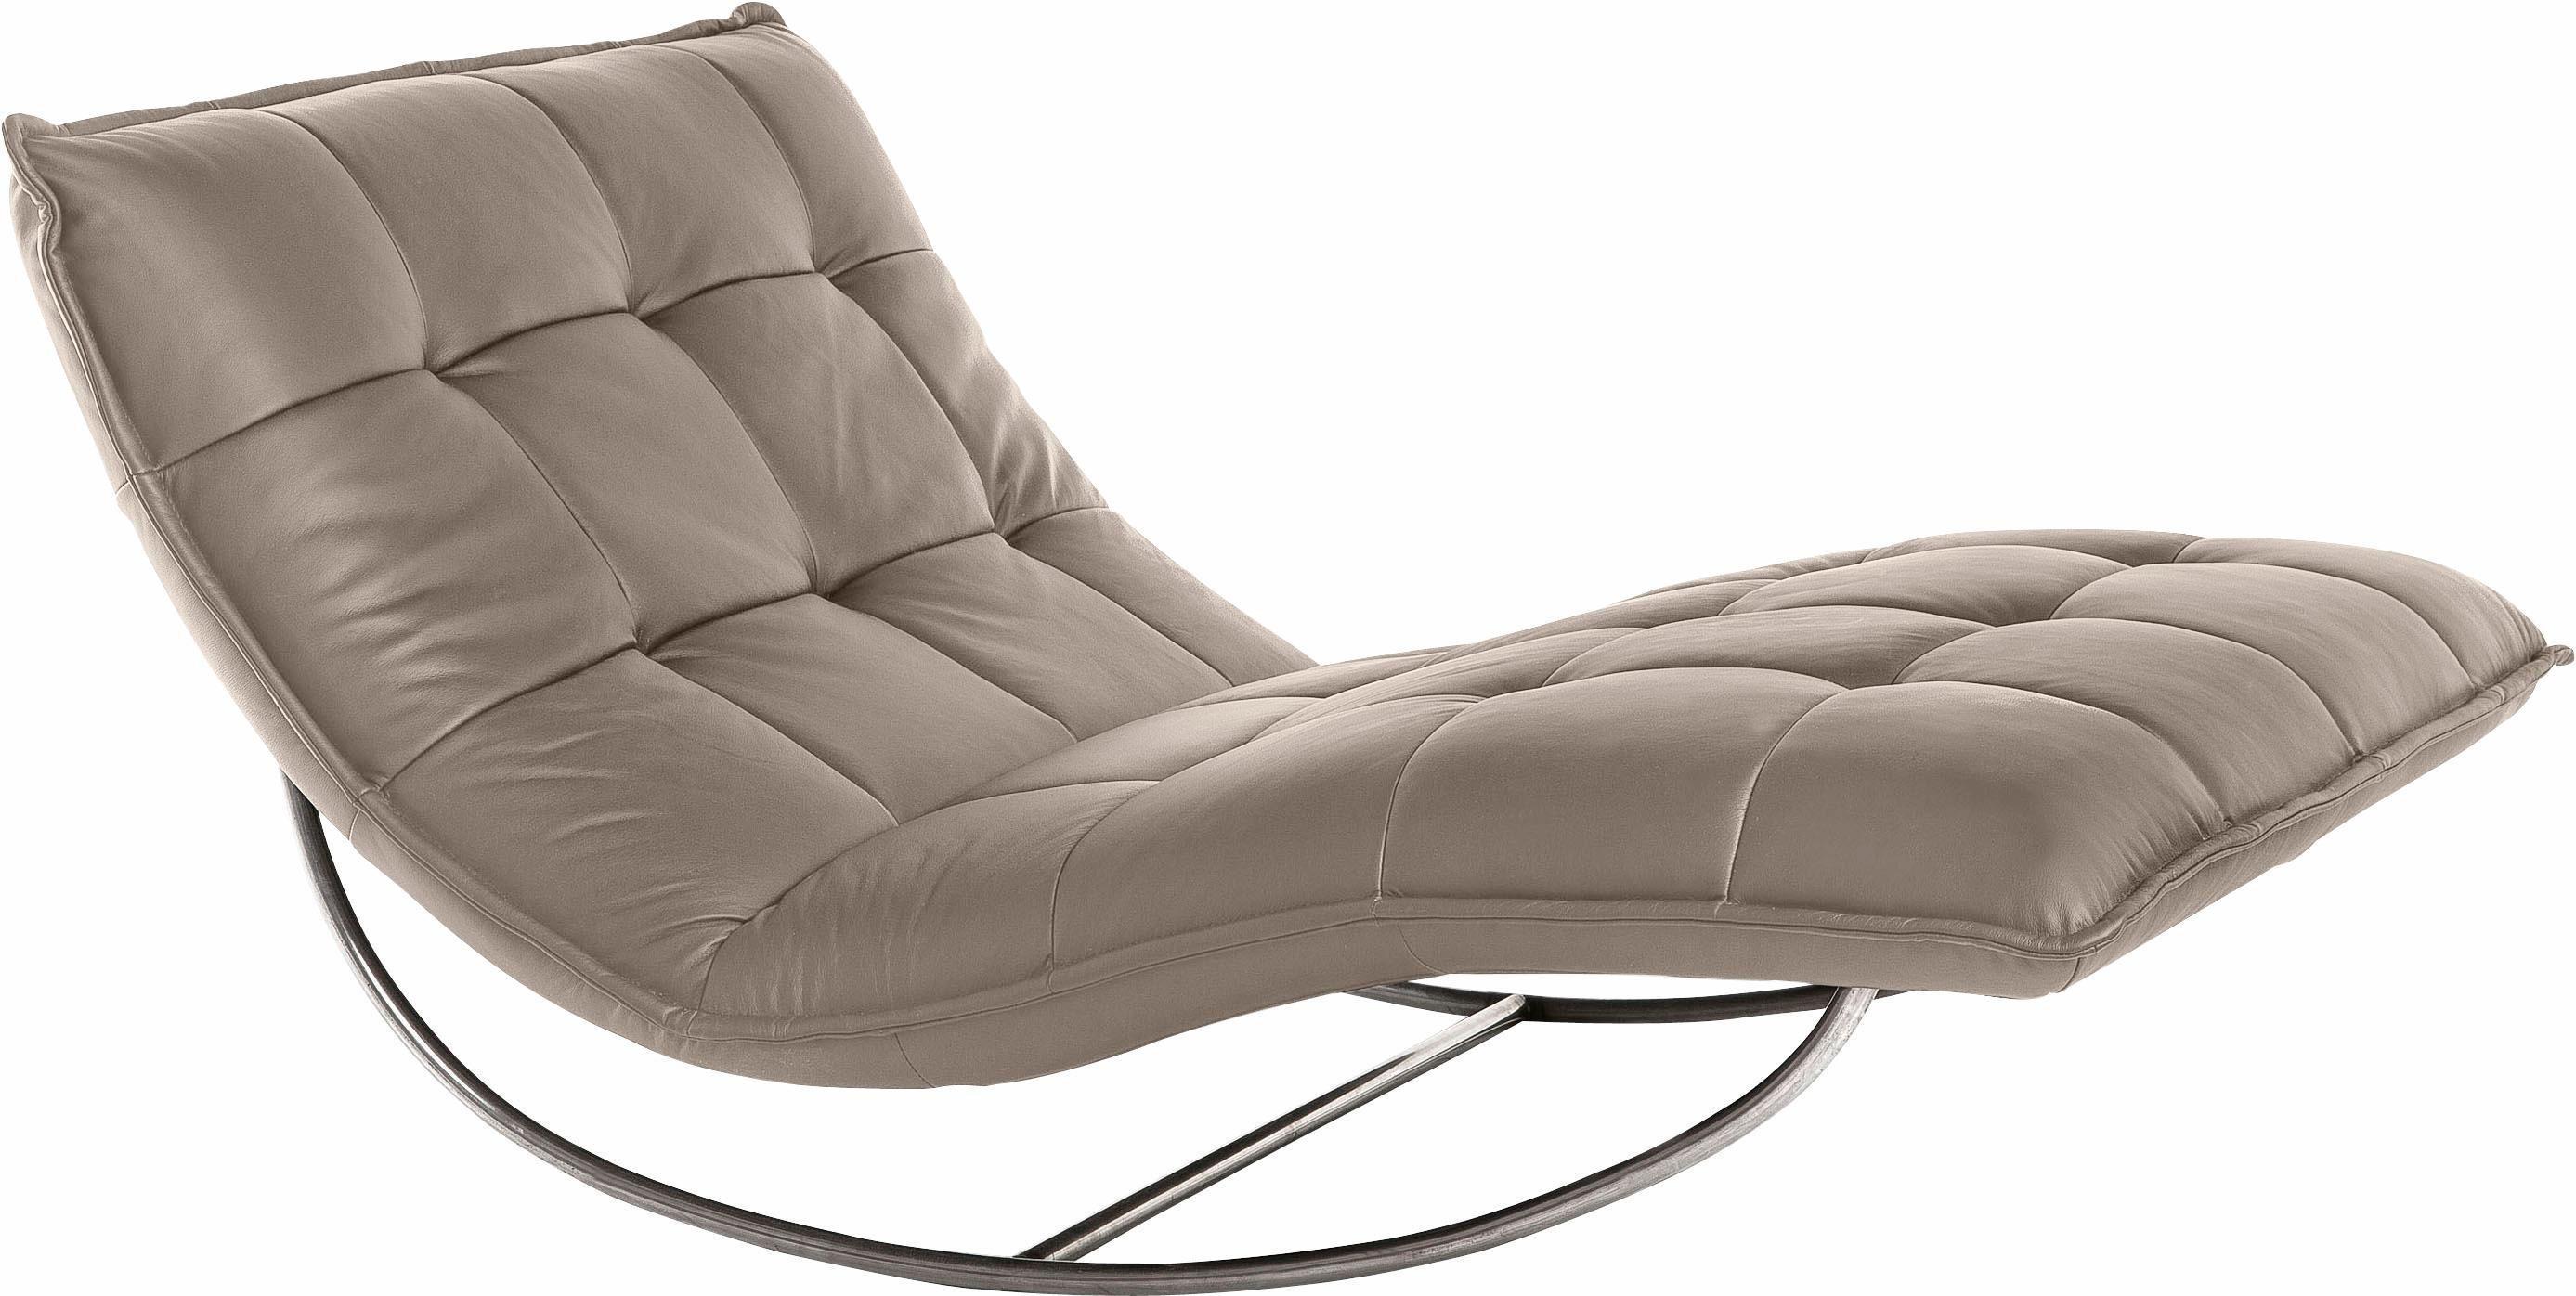 W.SCHILLIG Relaxliege »woow« mit Kopfteilverstellung, in 3 Breiten, designed by Wilhelm Bolinth | Wohnzimmer > Sessel > Relaxliegen | Leder | W.SCHILLIG